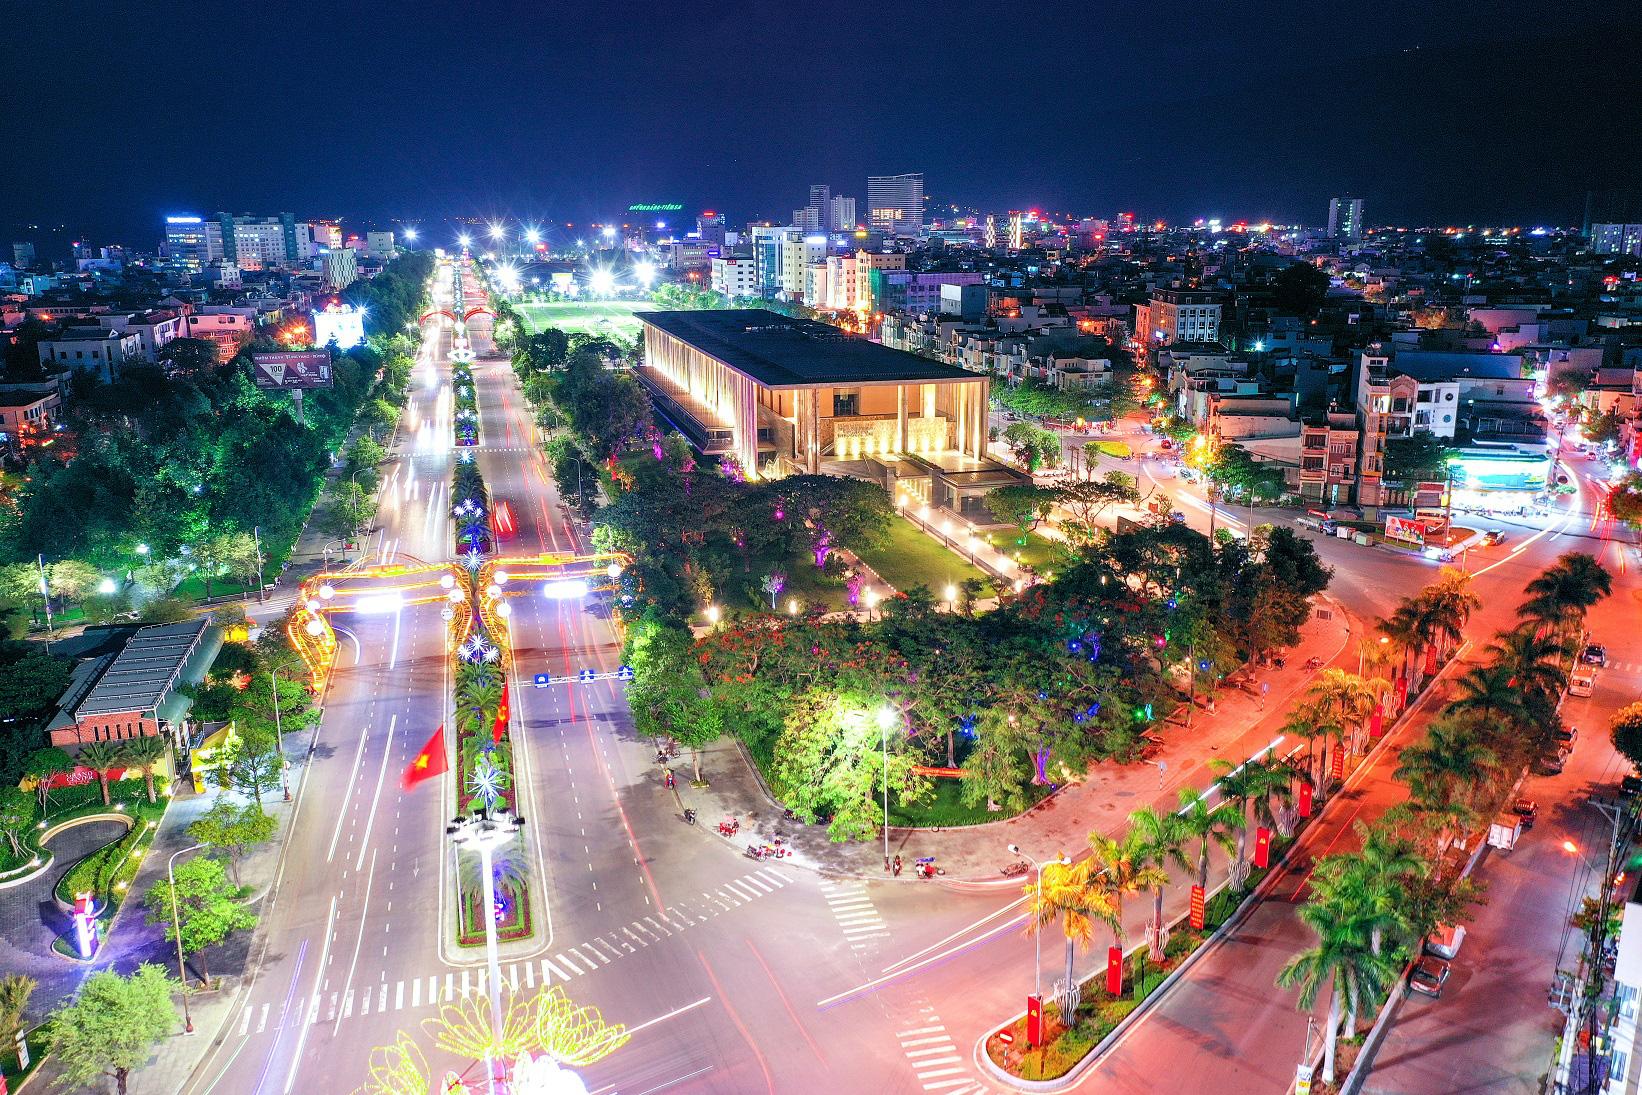 Năm 2021, tỉnh Bình Định kỳ vọng đón 4 triệu lượt khách du lịch, doanh thu 5.200 tỷ đồng - Ảnh 4.